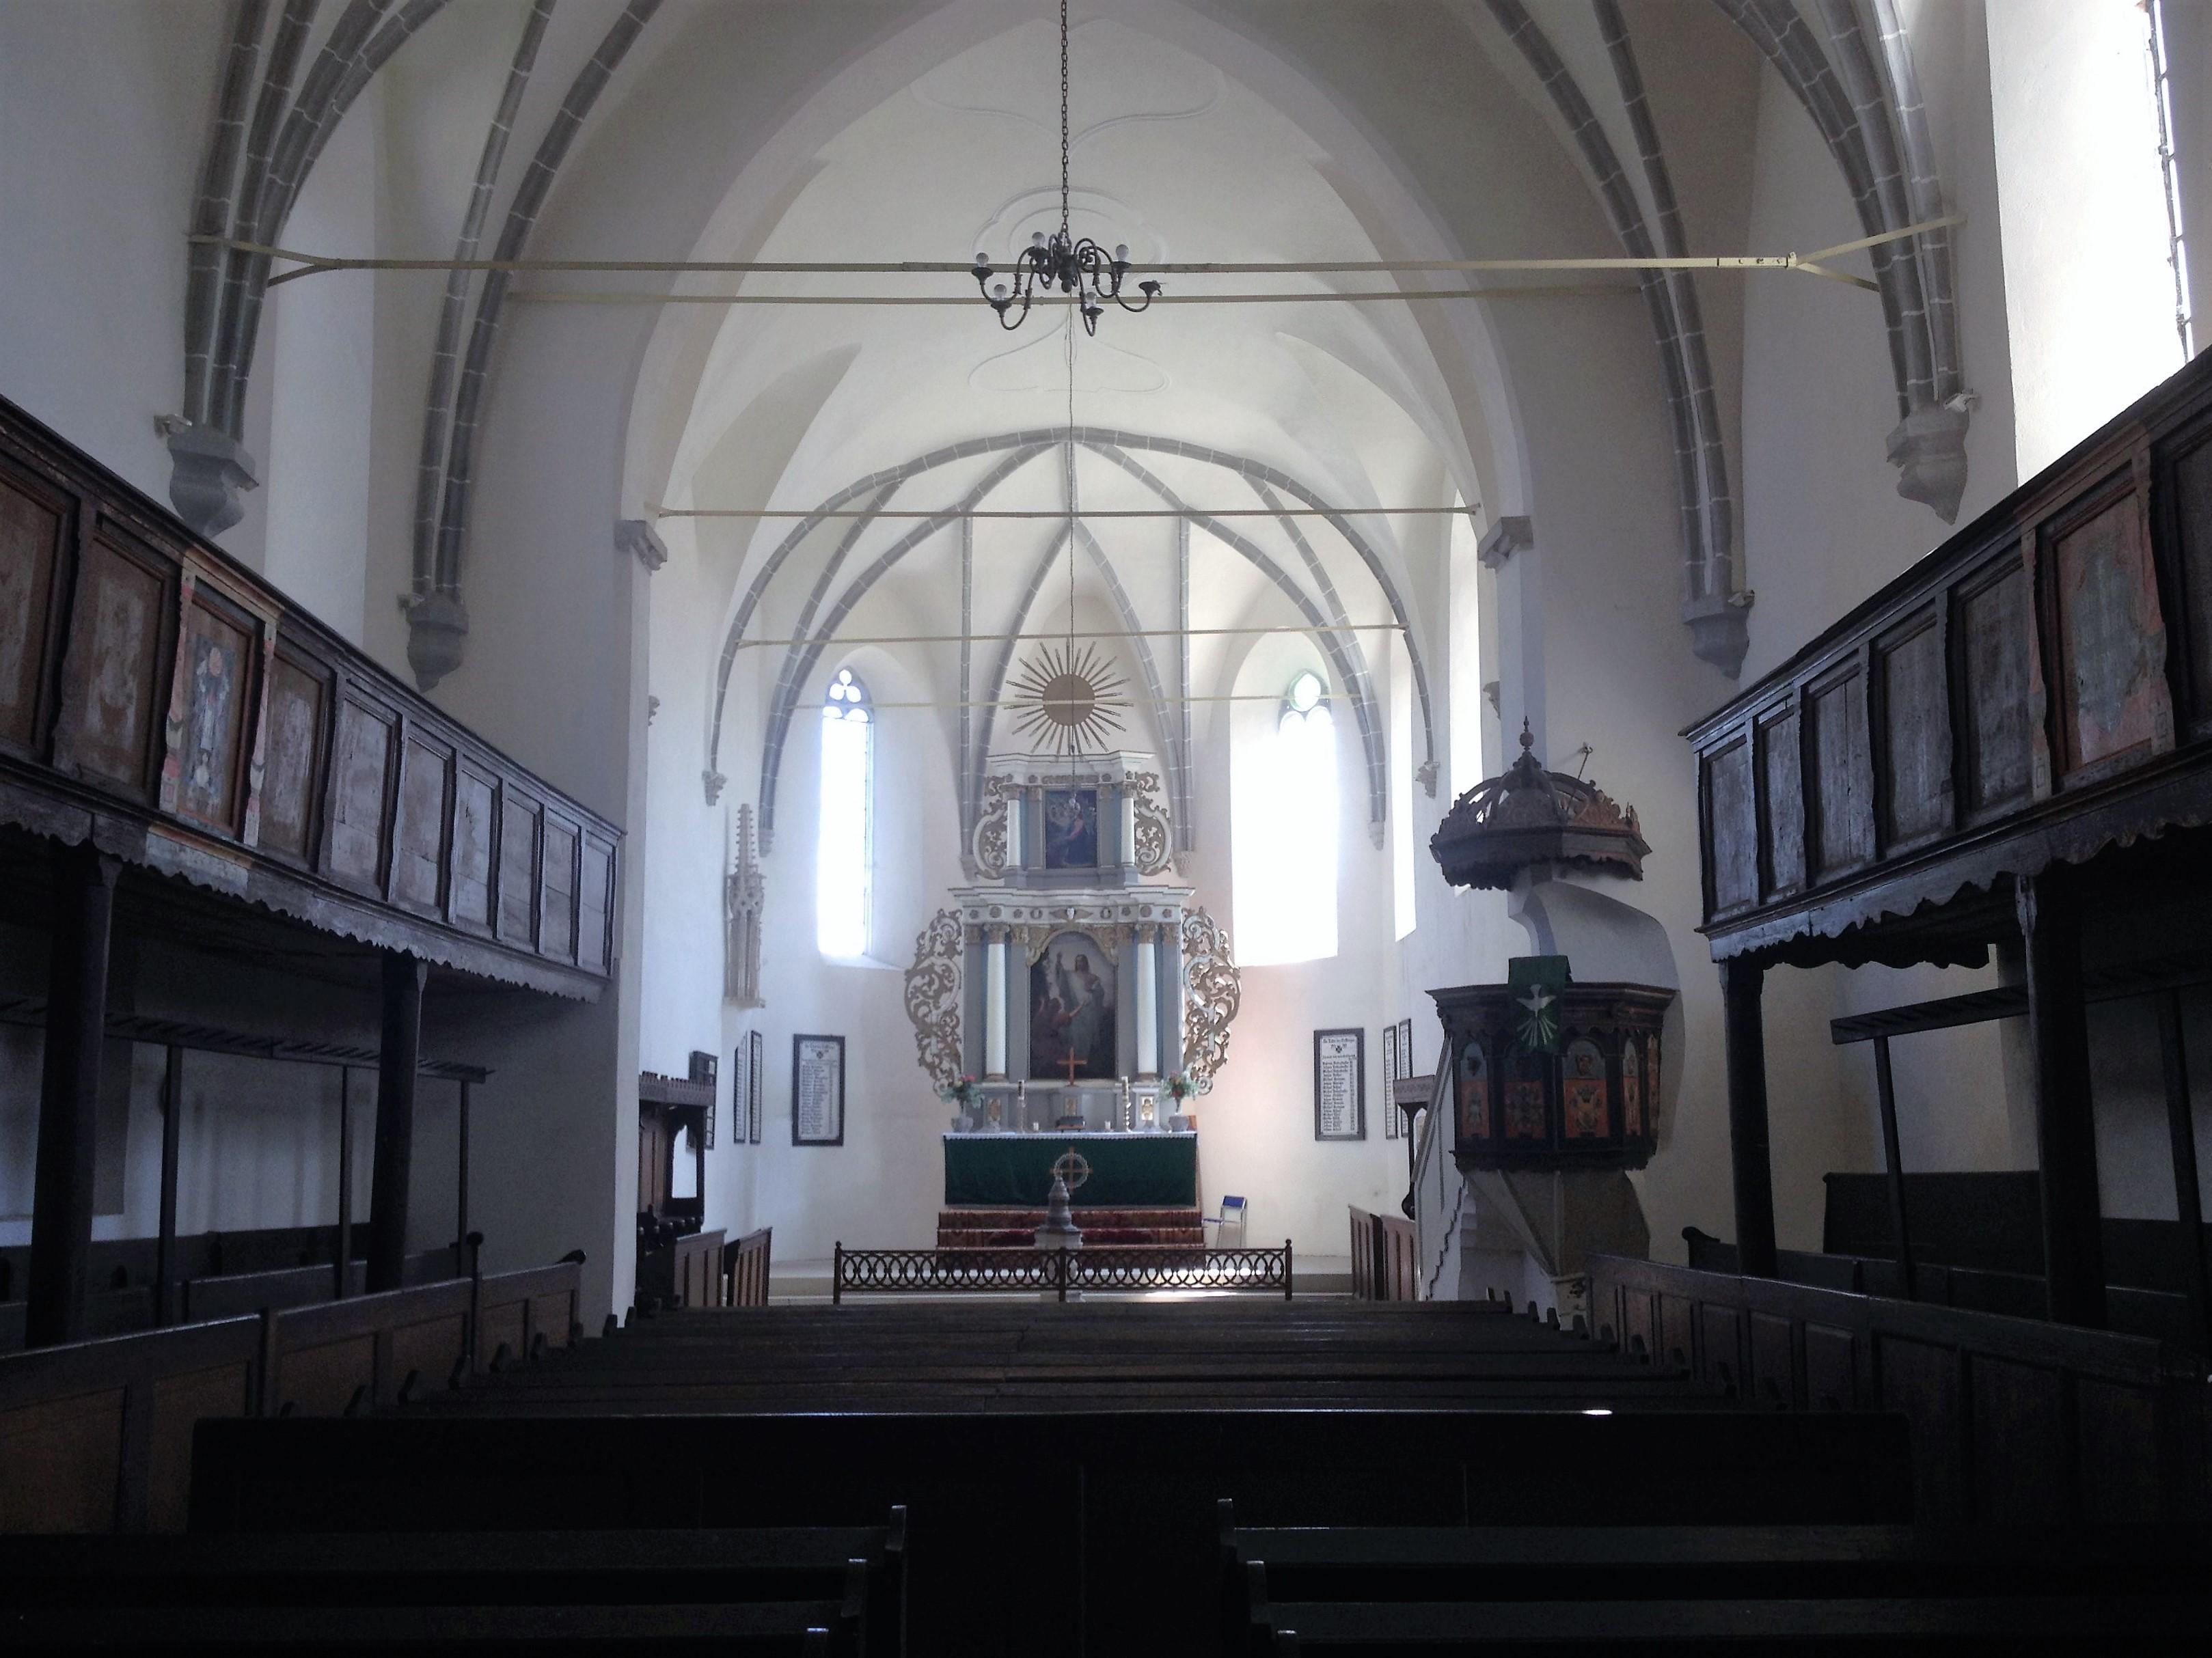 Biserica e una de tip hală, ridicată în stil gotic târziu